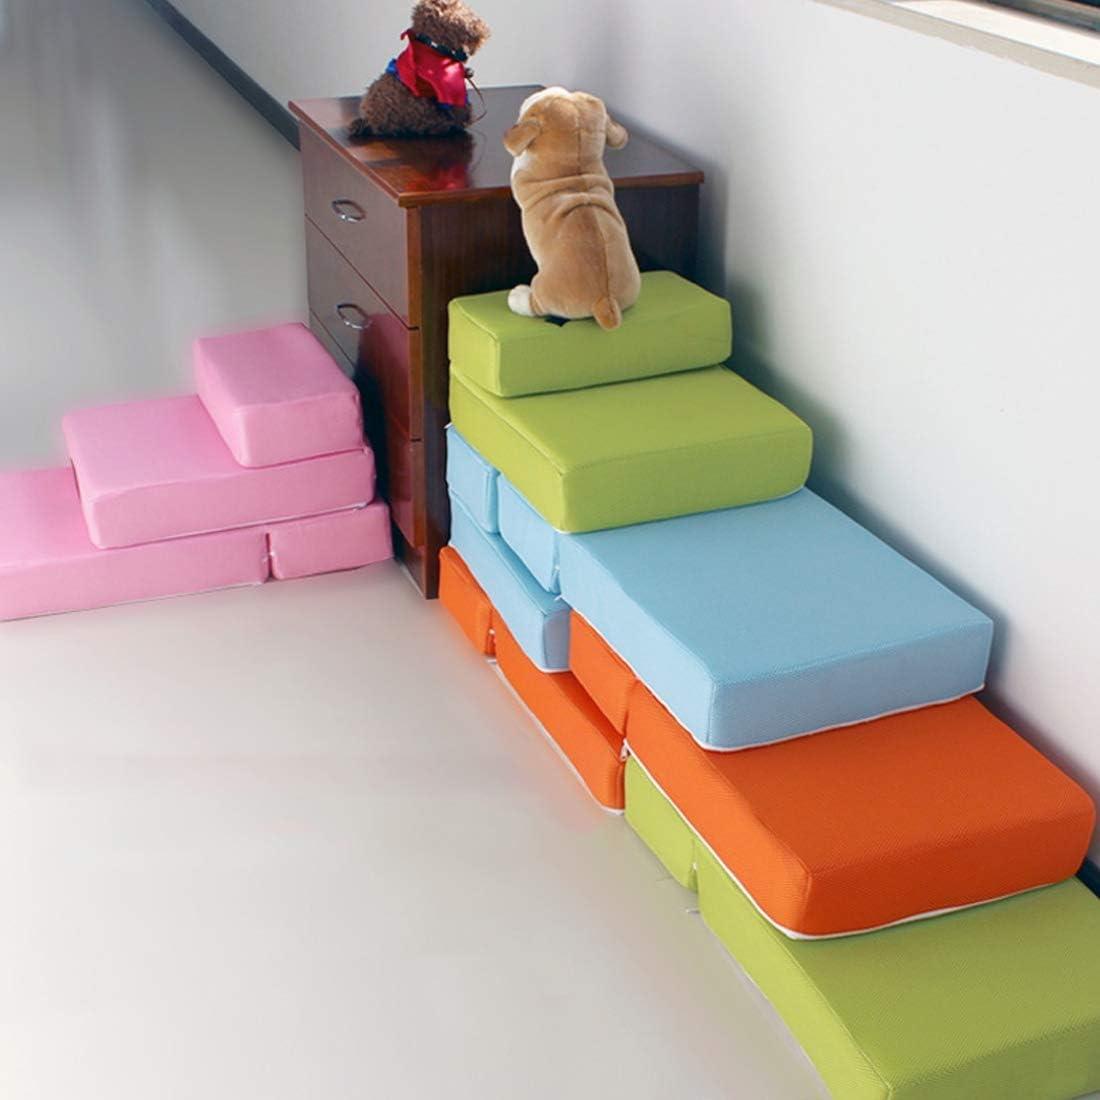 Zhyaj Escaleras para Perros Cama Perro Grande Rampa para Perros Alta Malla Transpirable Perro Escalera Escaleras Plegables Lavado Desmontable Asegurar la Salud y Seguridad del Perro en Uso 2PCS,C: Amazon.es: Hogar